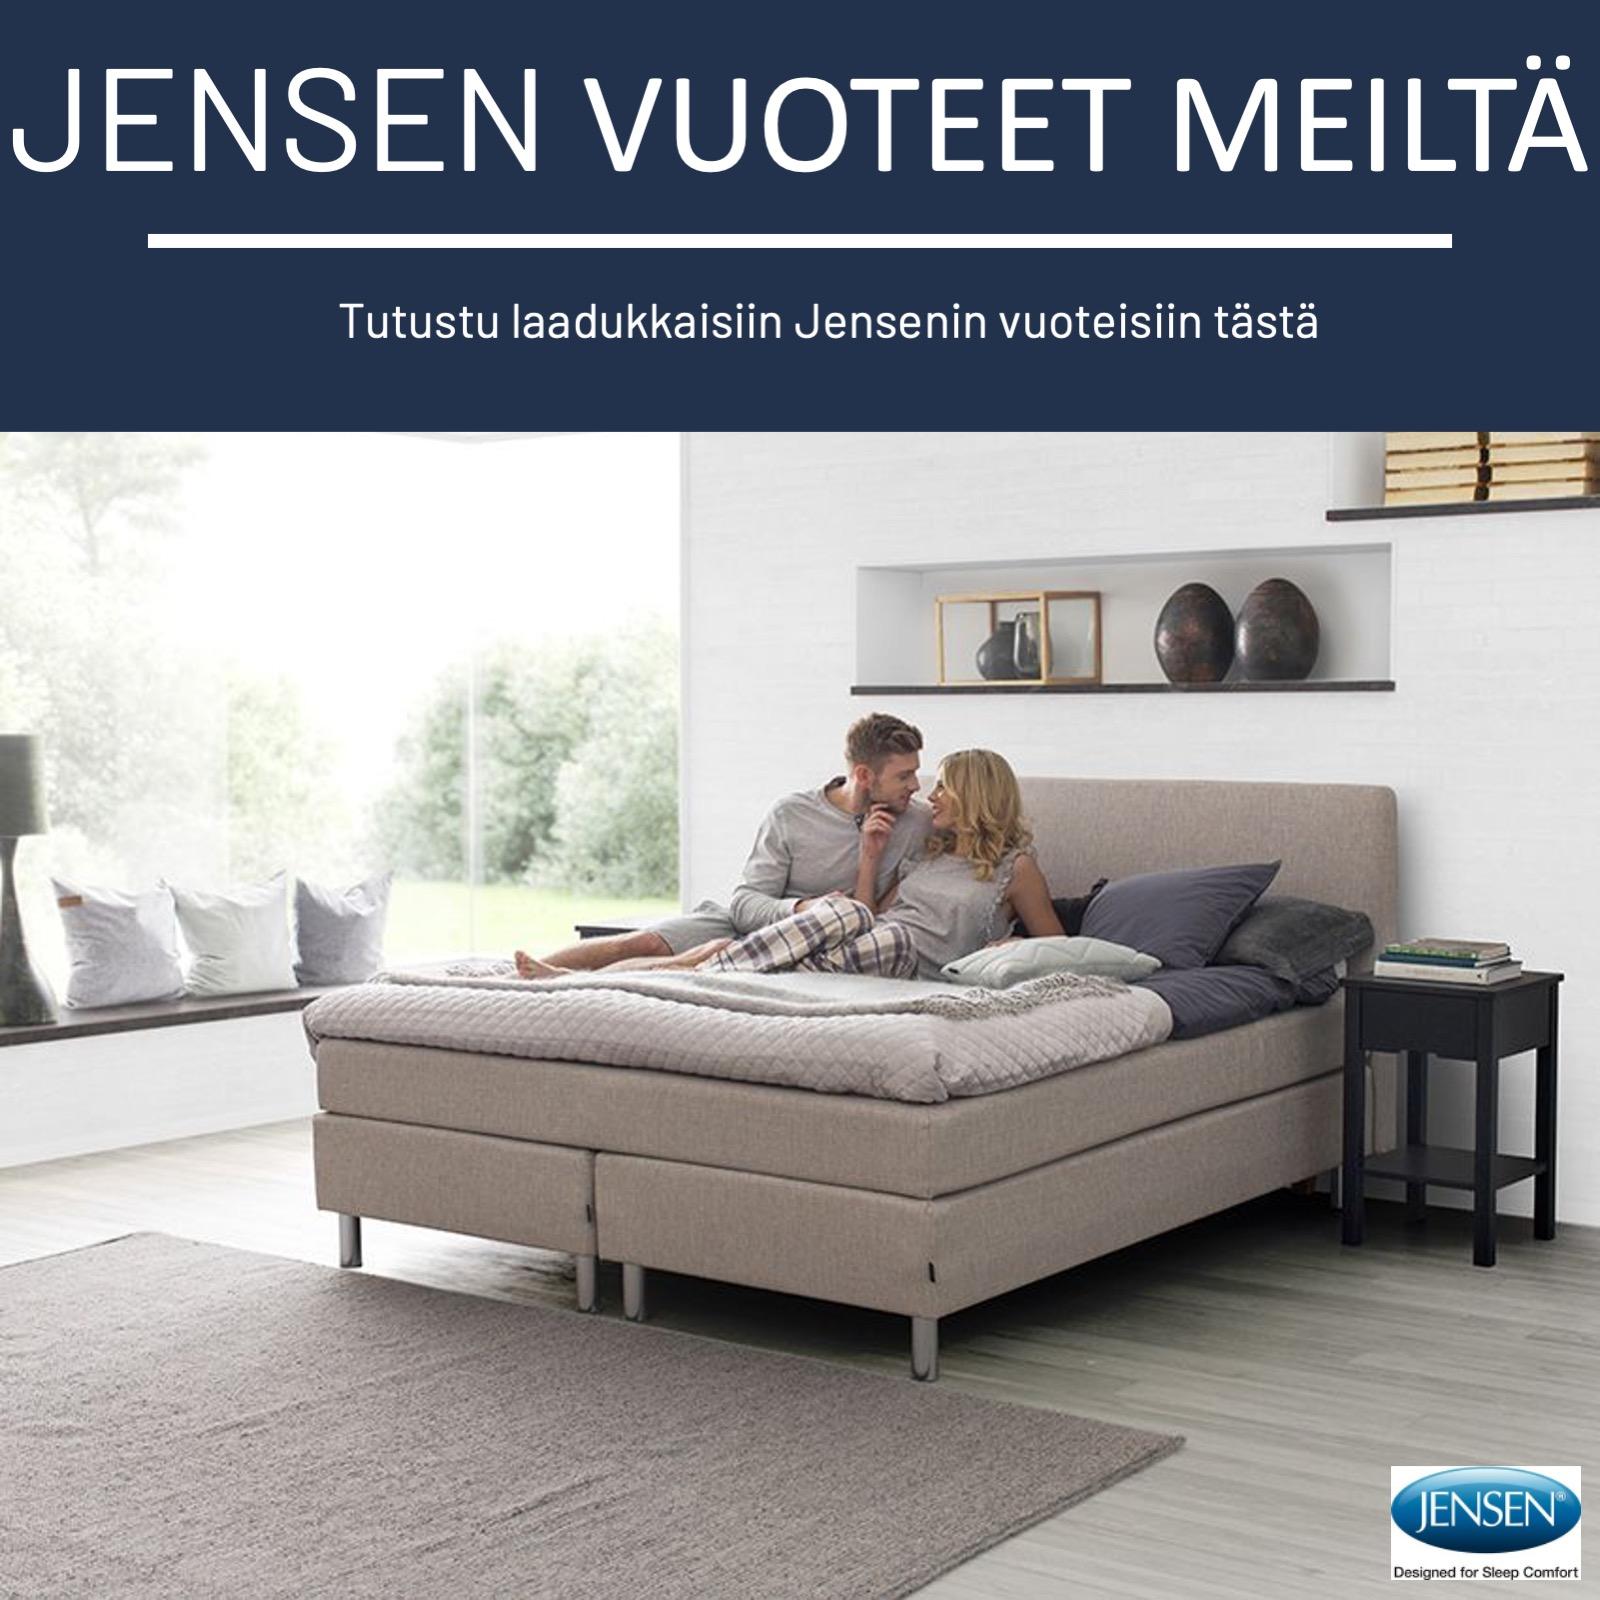 Jensen_vuoteet_sangyt_kalusteheinoset_1